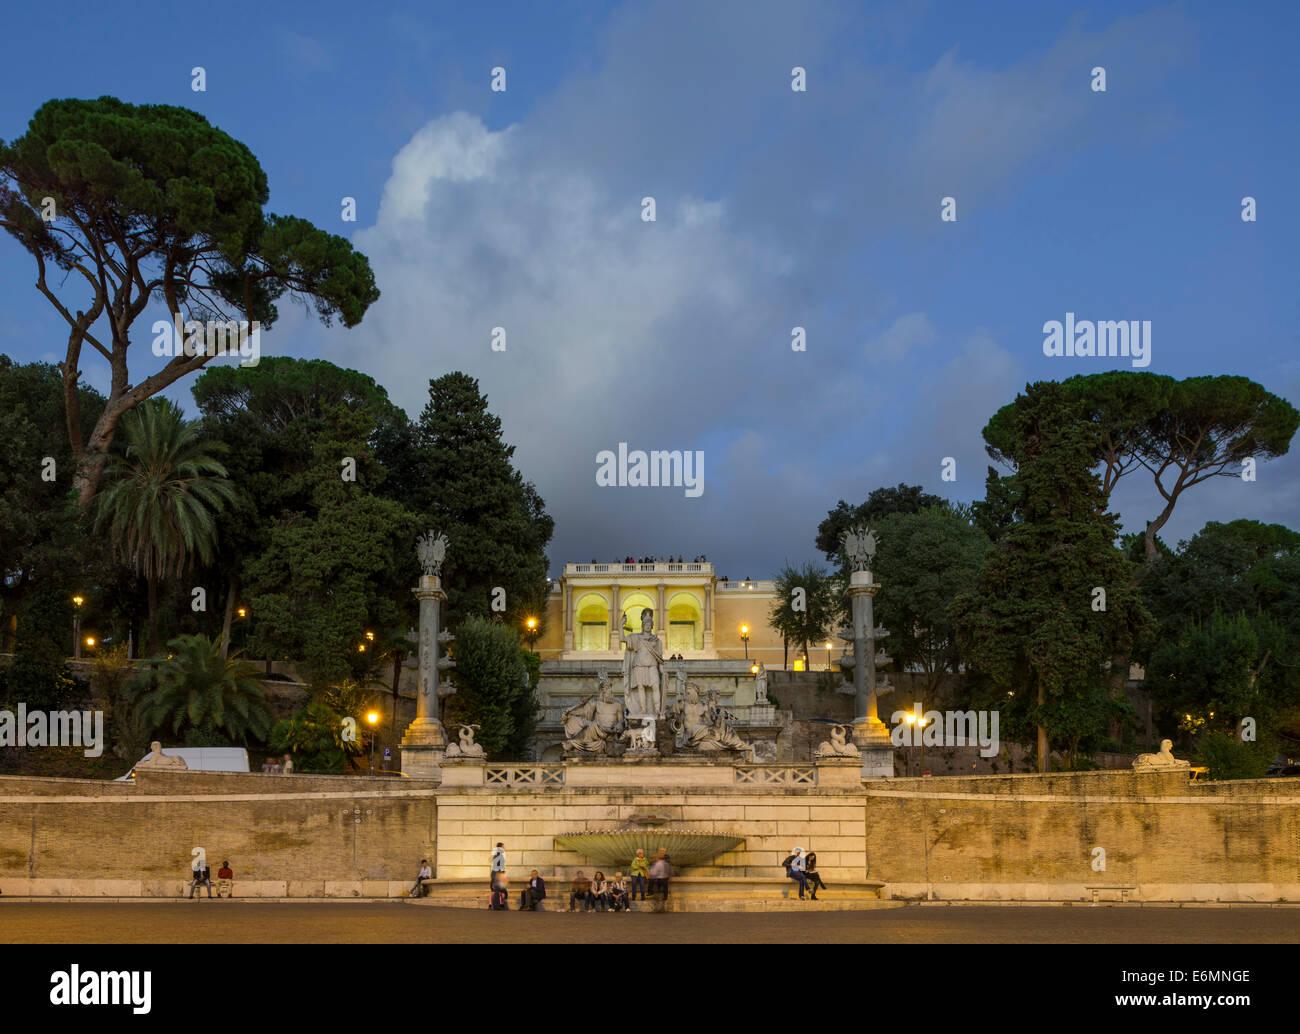 La terrazza del Pincio e la fontana della dea di roma o la fontana della Dea di Roma, Roma, lazio, Italy Immagini Stock